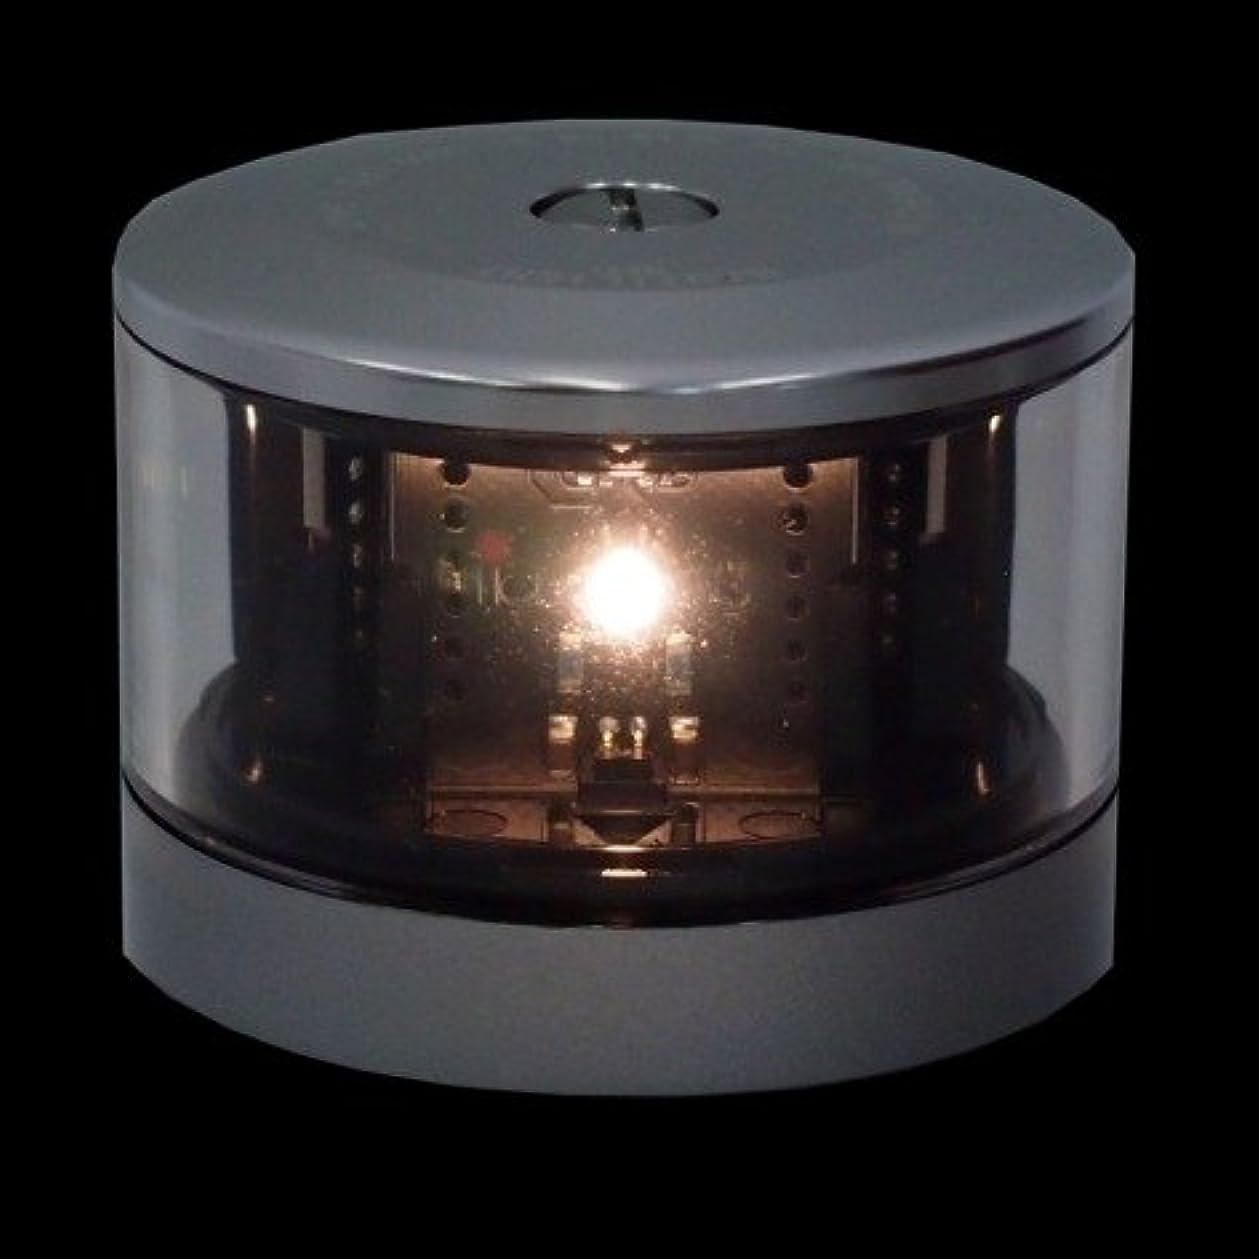 周術期織機支店LED航海灯 第三種マスト灯 NLSM-3W  2014年新基準適合品 伊吹工業 全長20M未満船舶用 JCI検定品